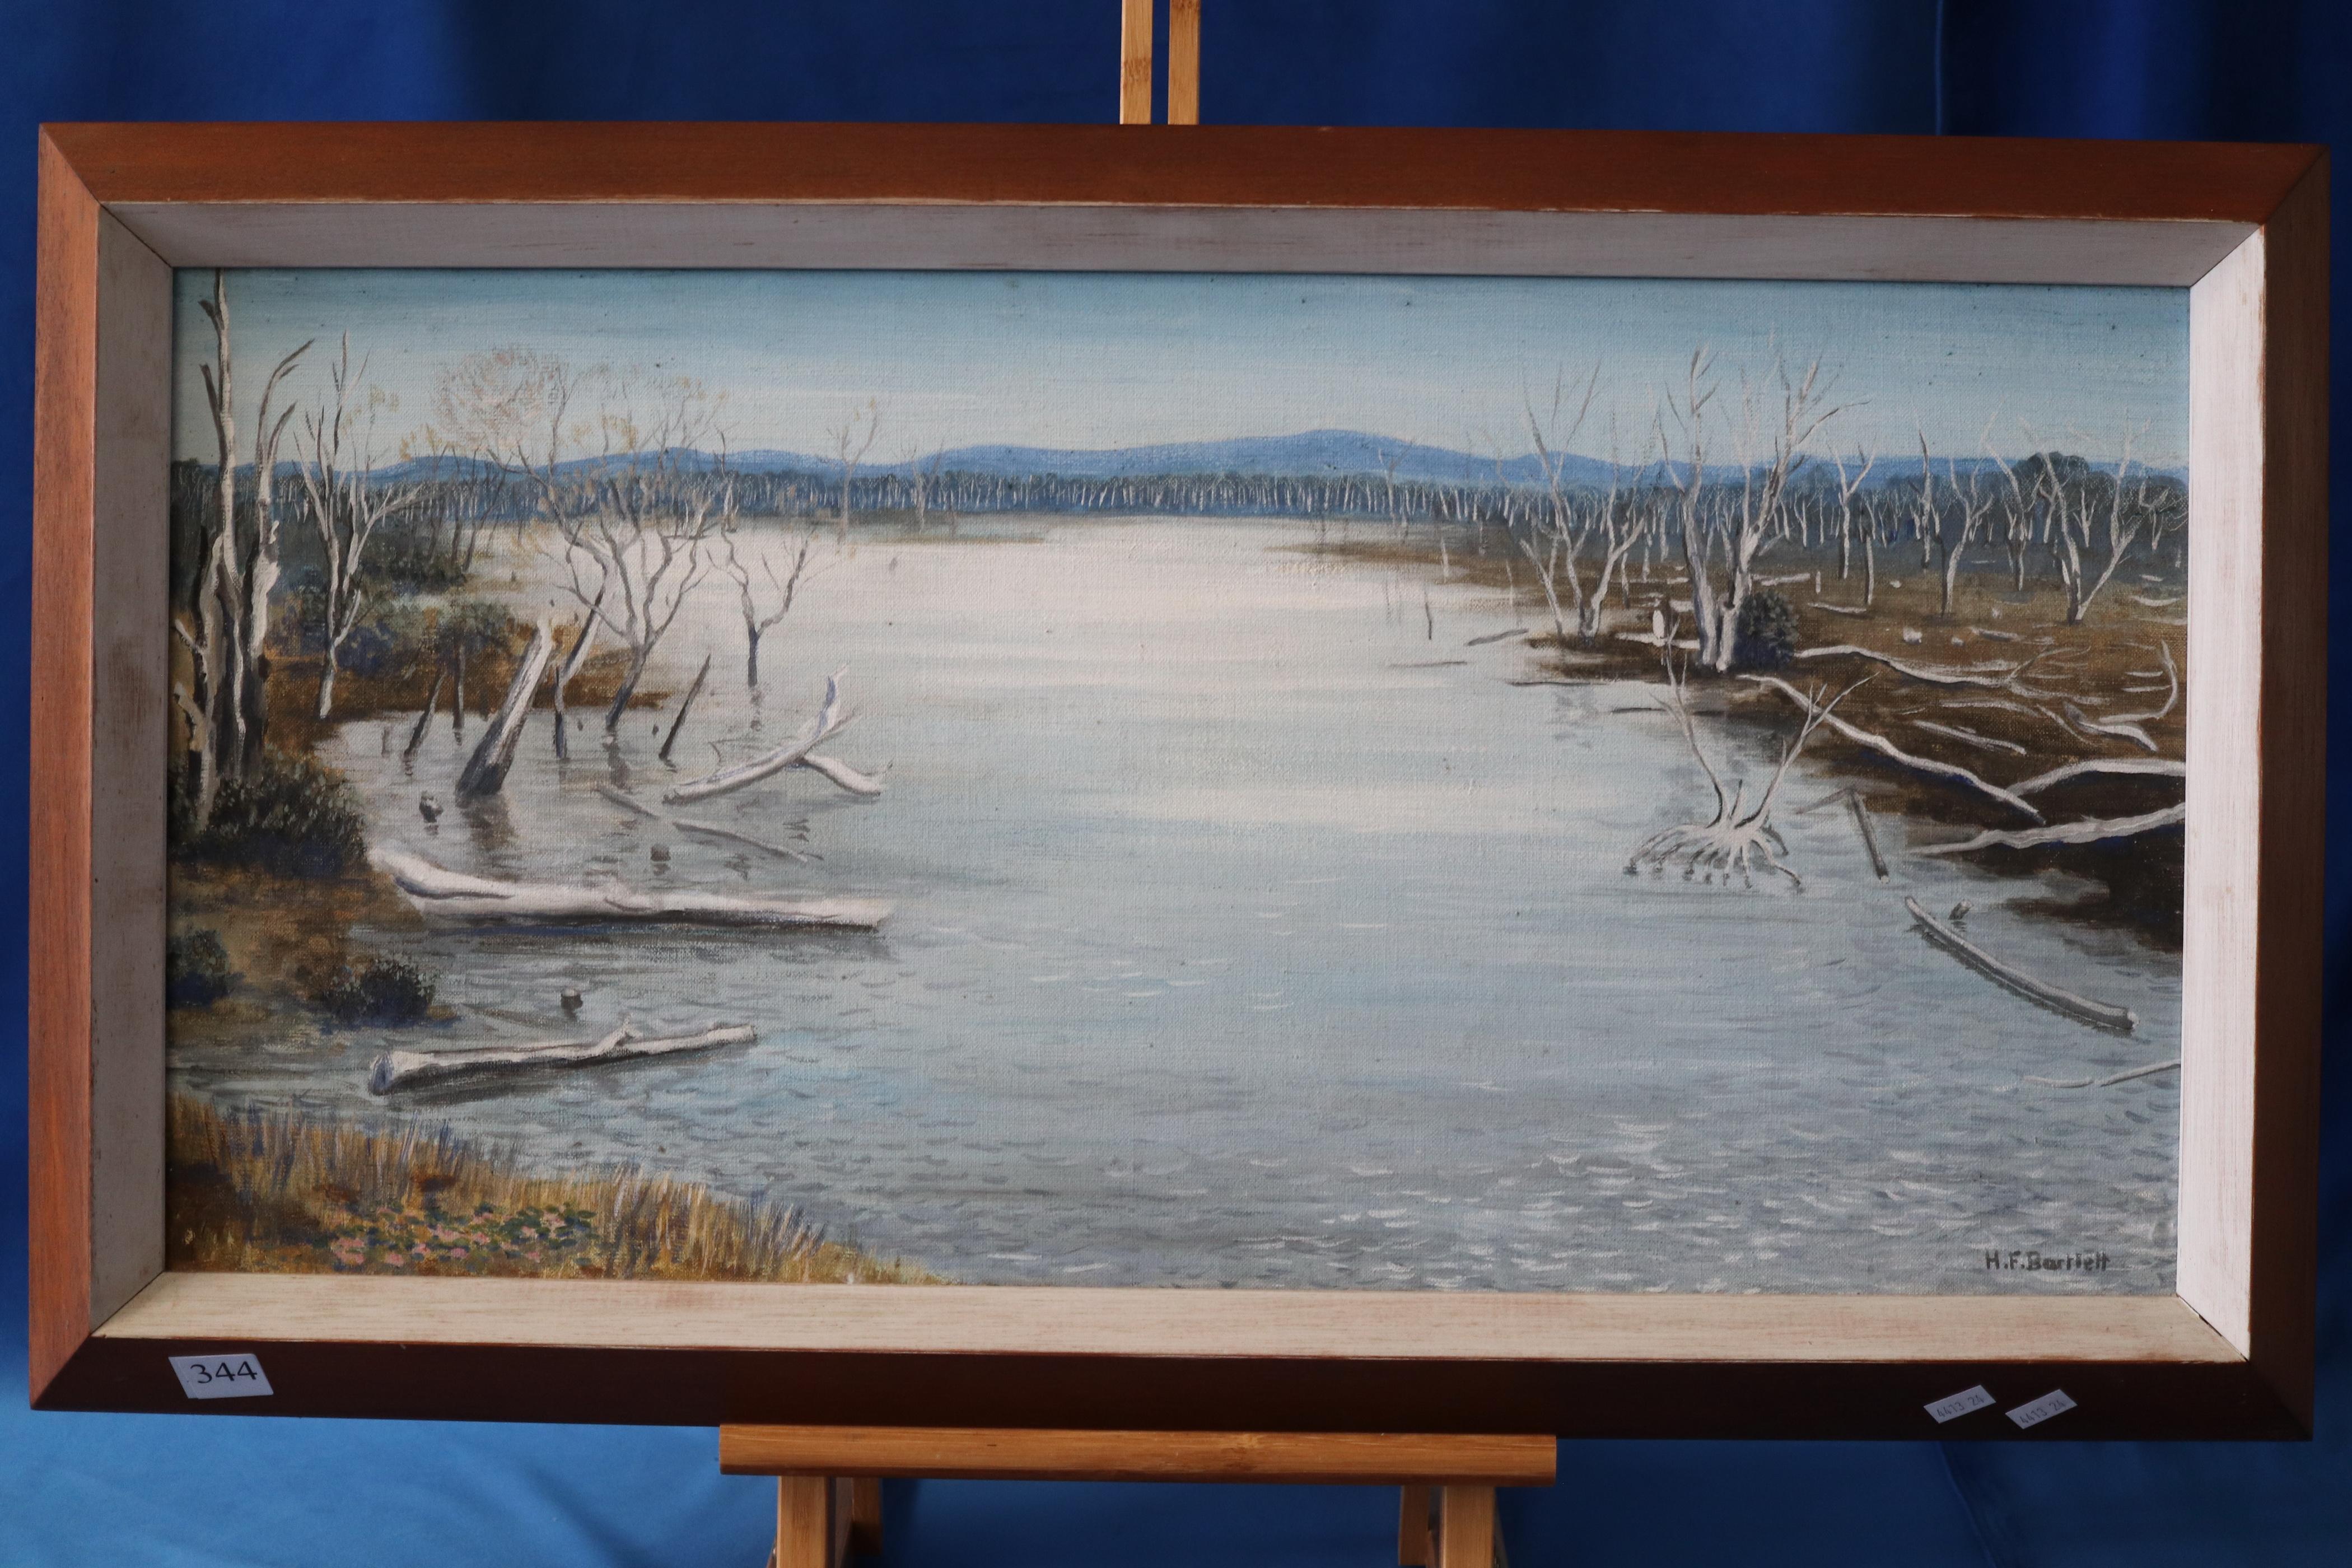 OIL ON CANVAS OF DAM SCENE BY HENRY BARLETT